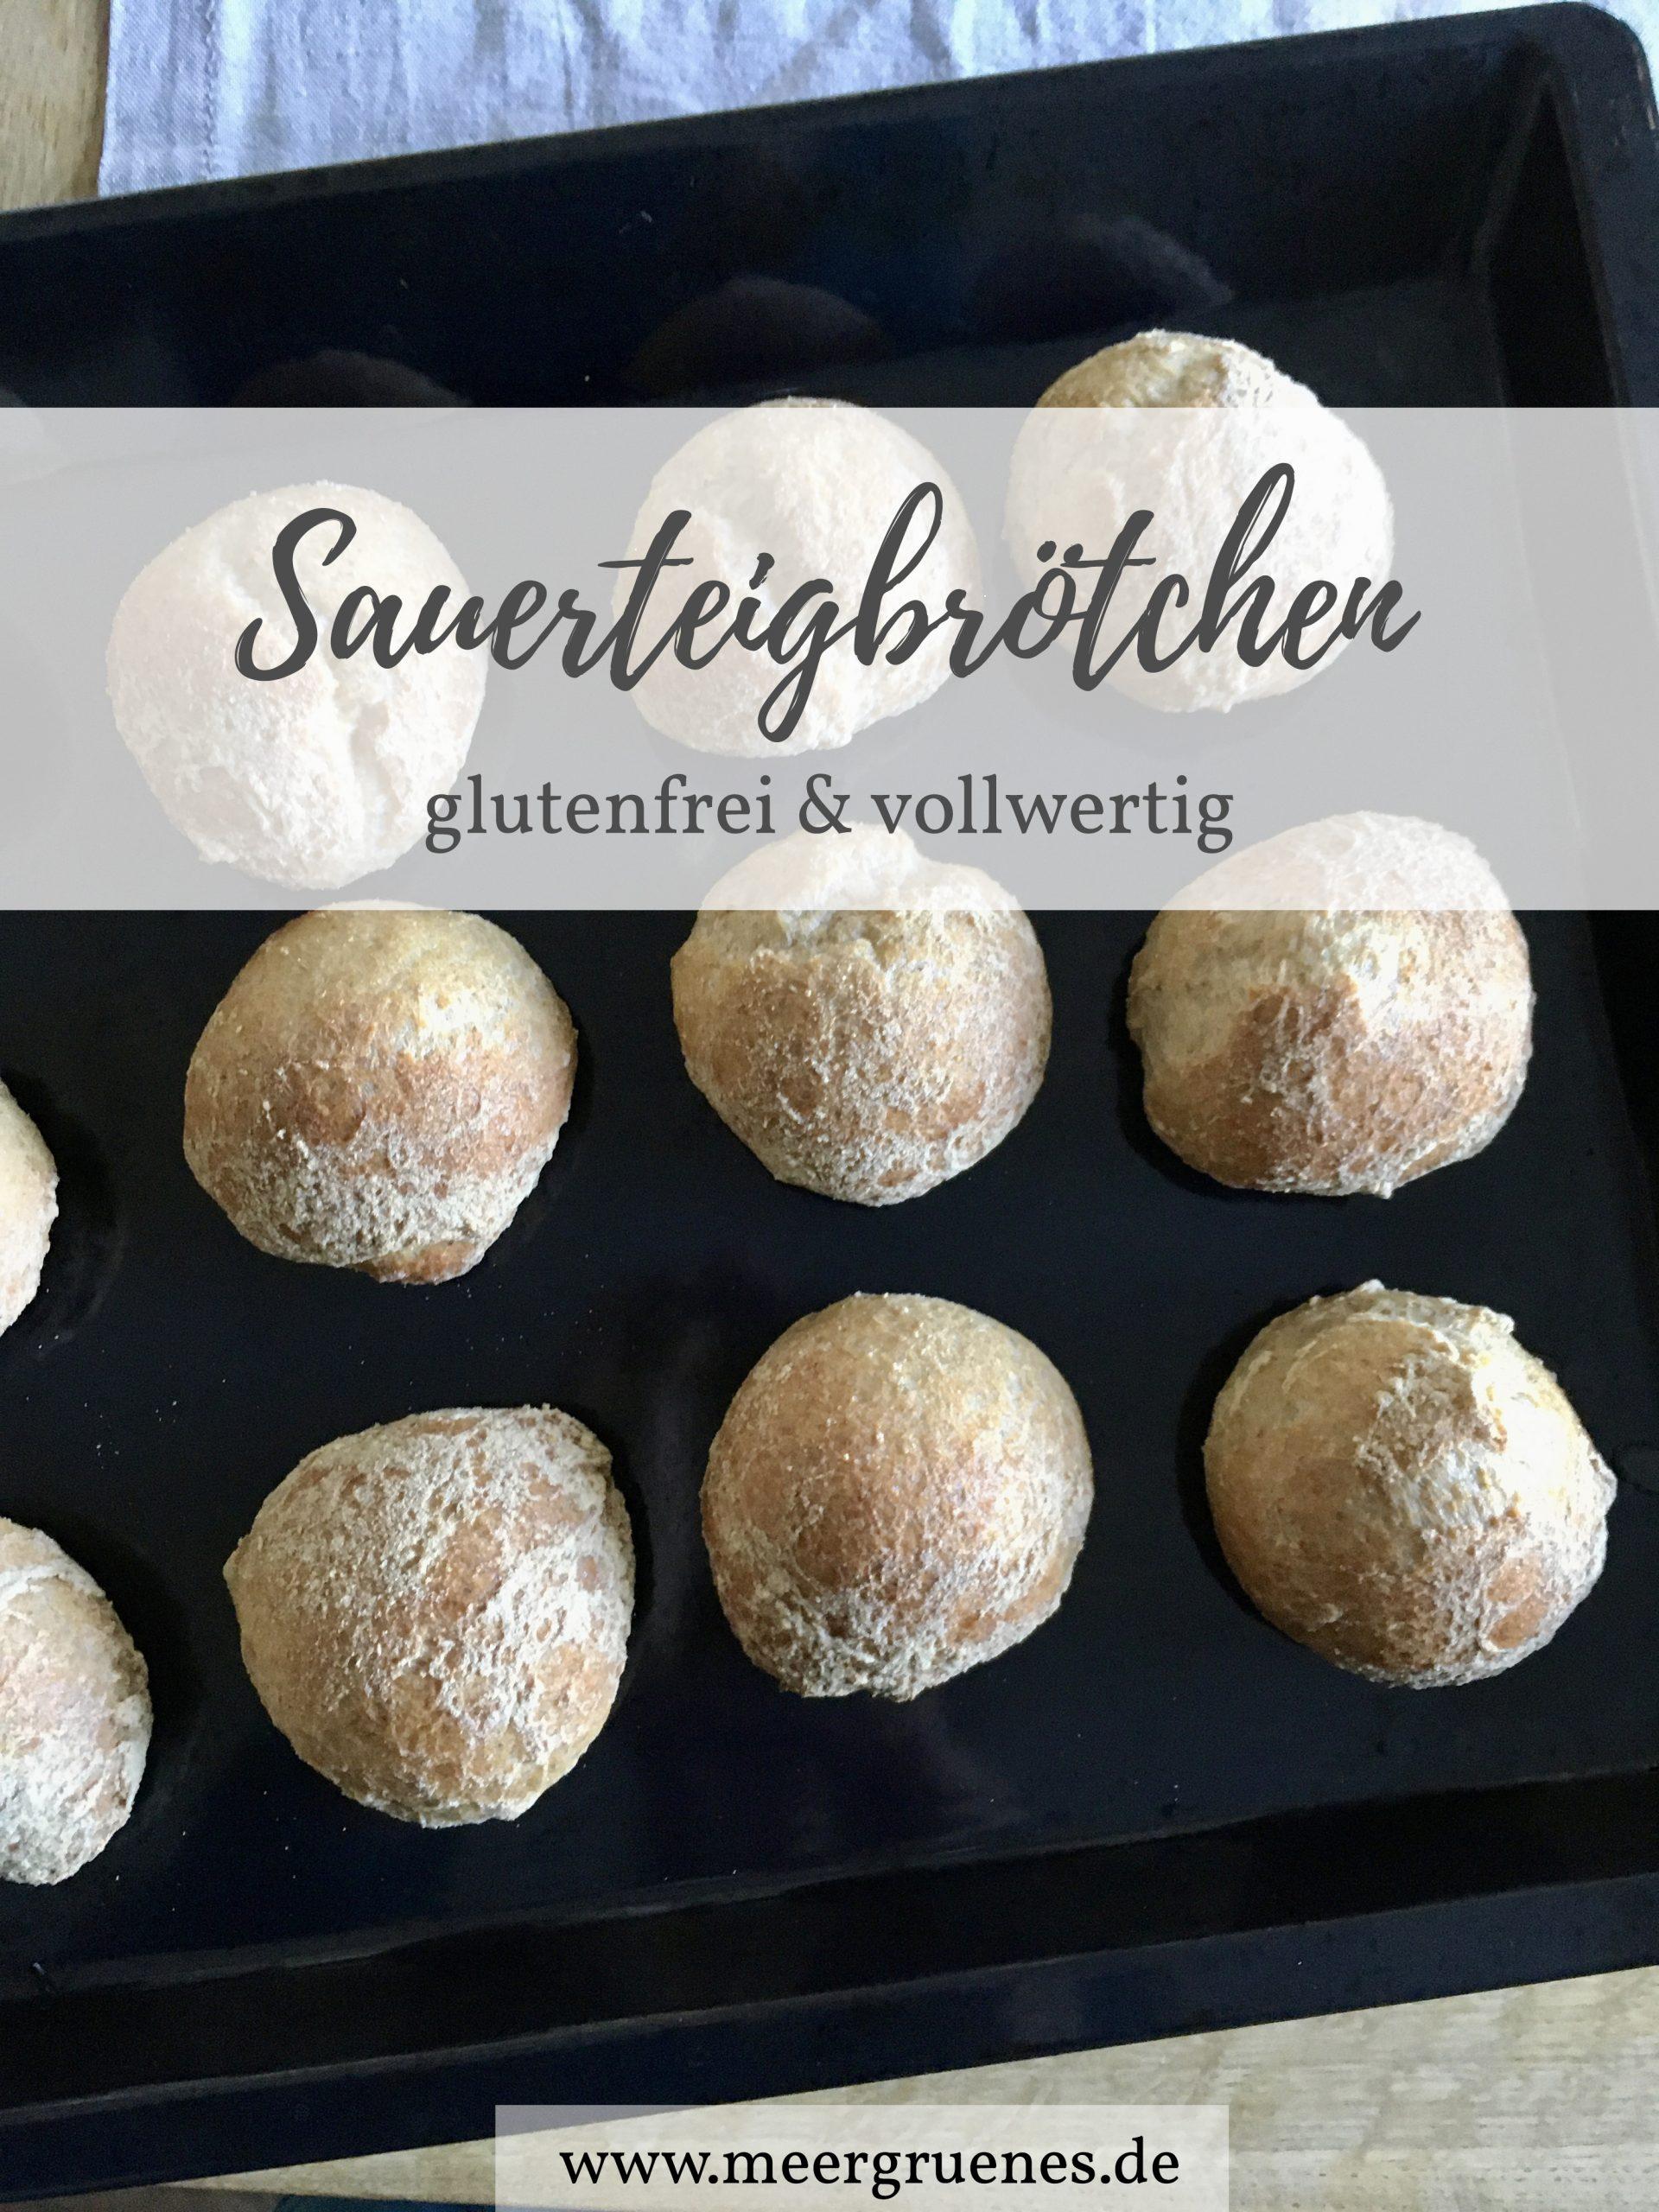 Rezept für Sauerteigbrötchen mit Übernachtgare - glutenfrei vegan vollwertig gesund backen